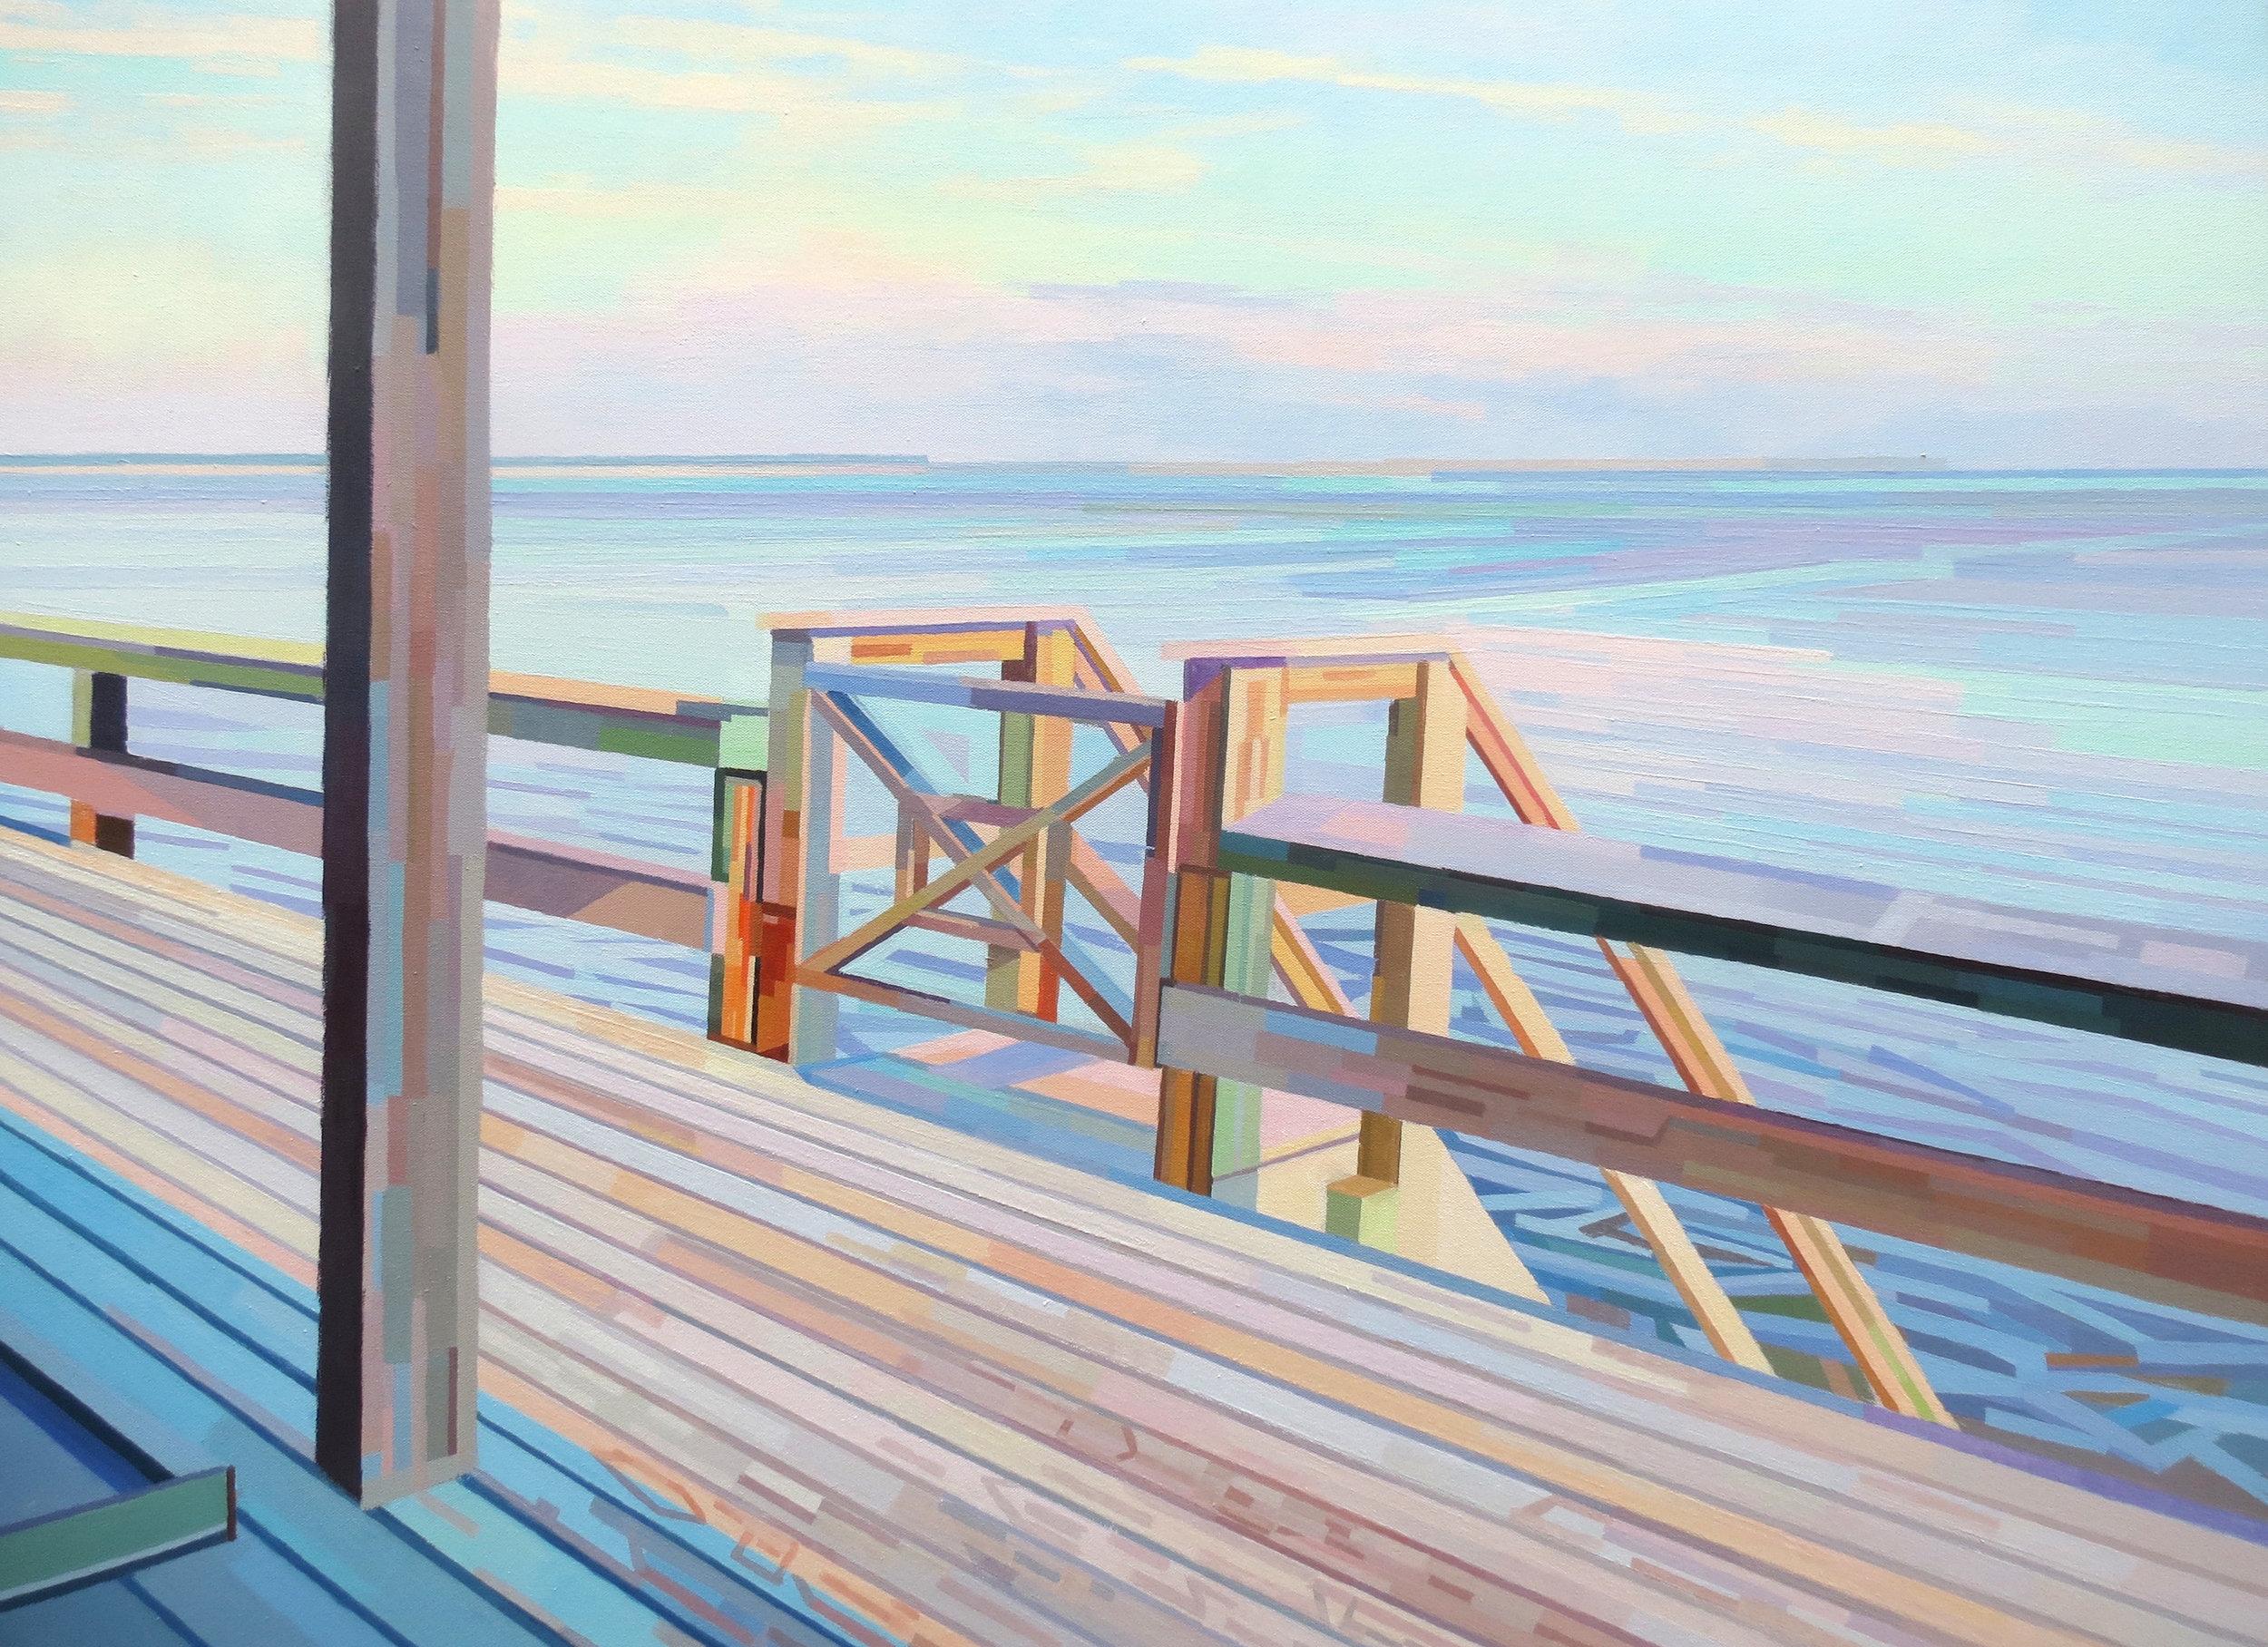 Bayside Deck 48w36h